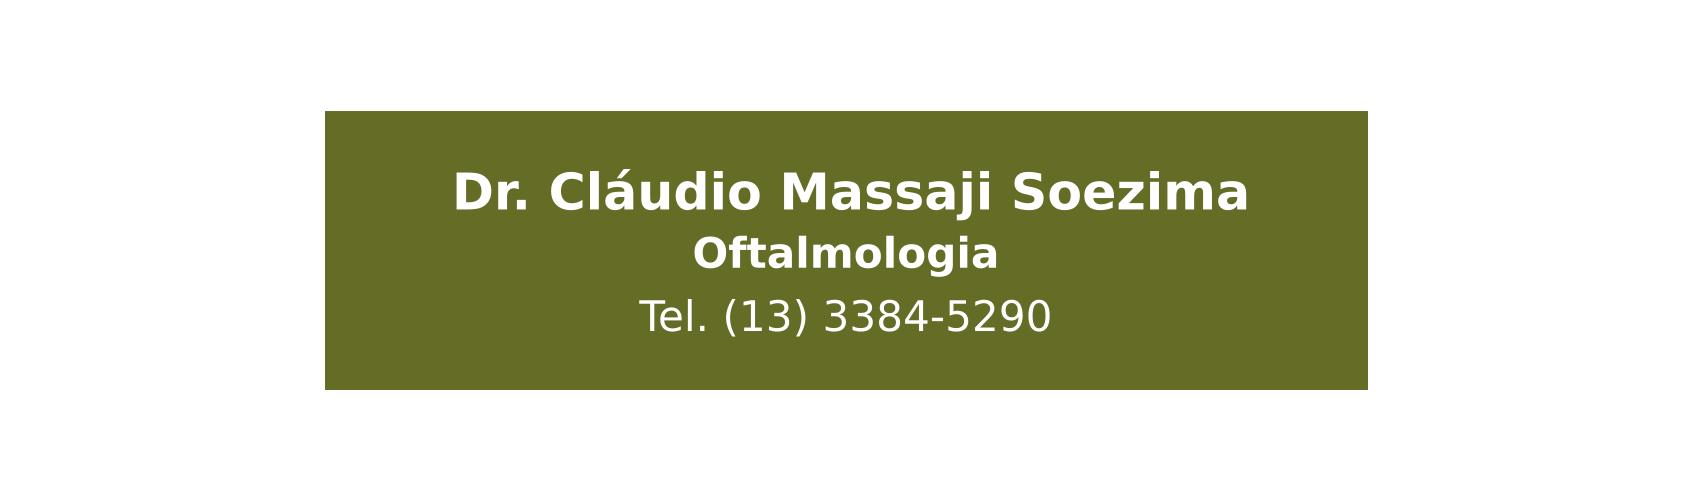 parceiros massaji 170818